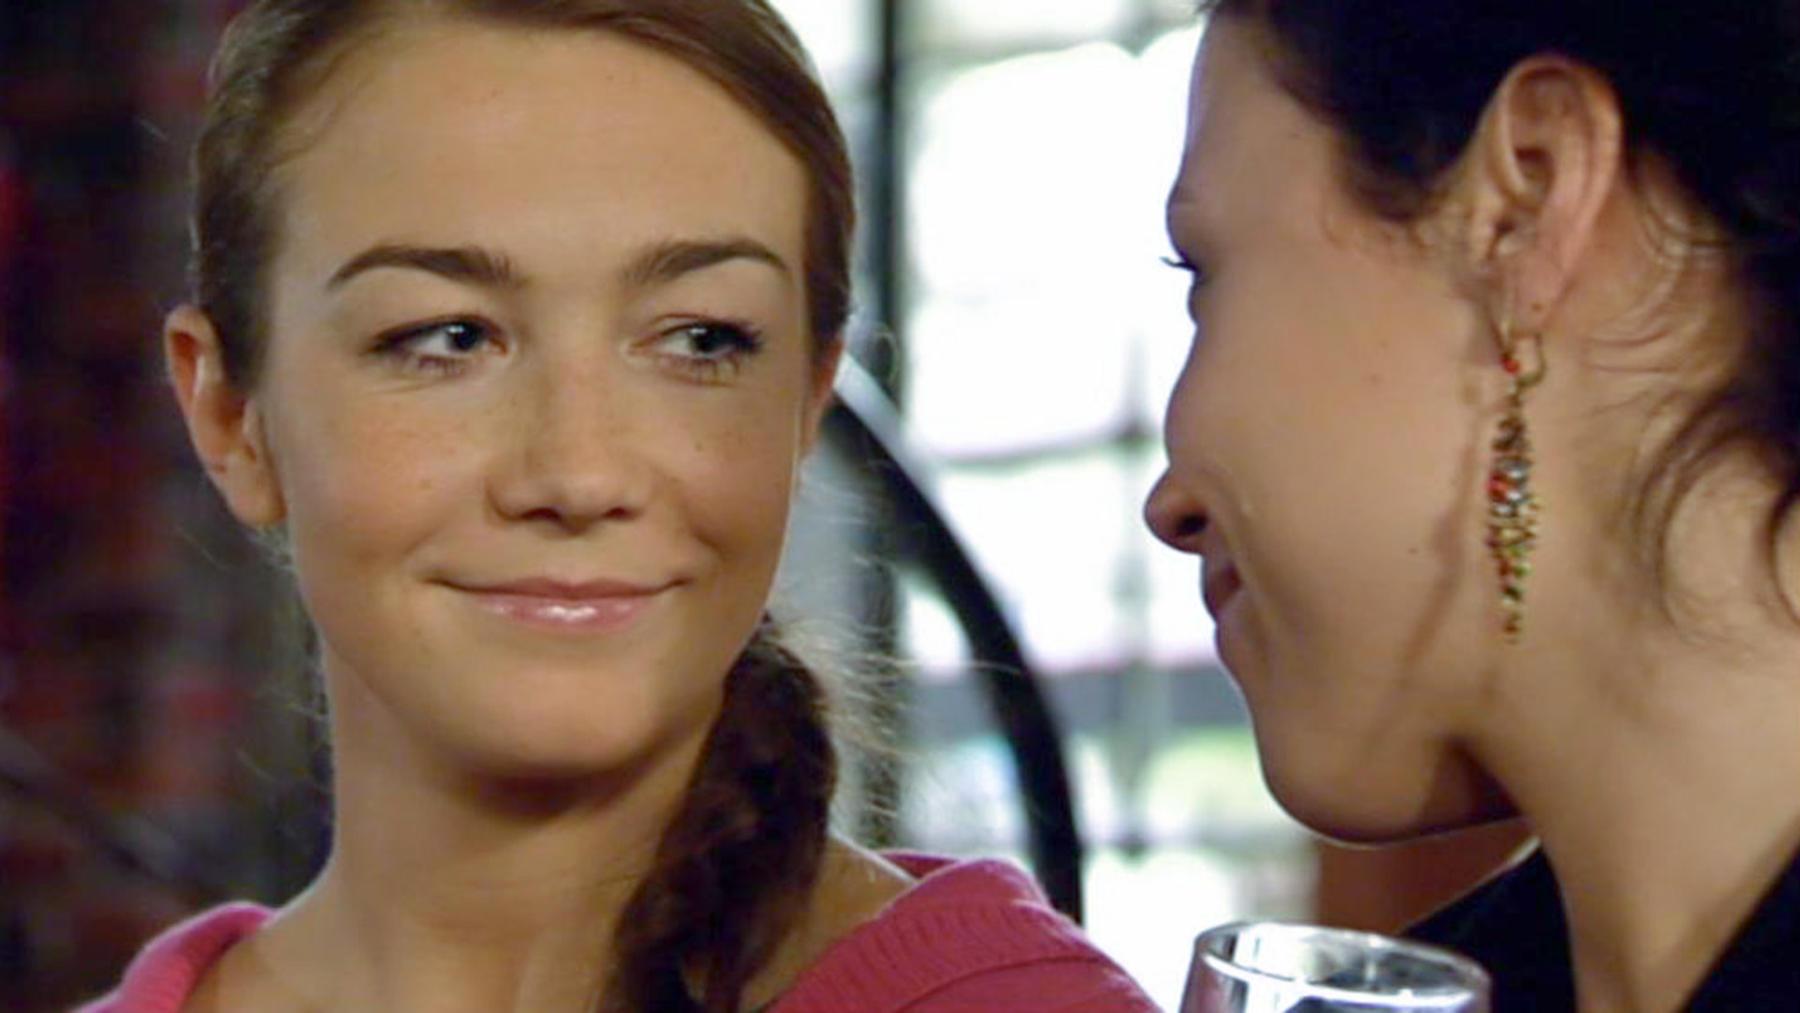 Vergeblich hofft Katja auf Verständnis von Richard